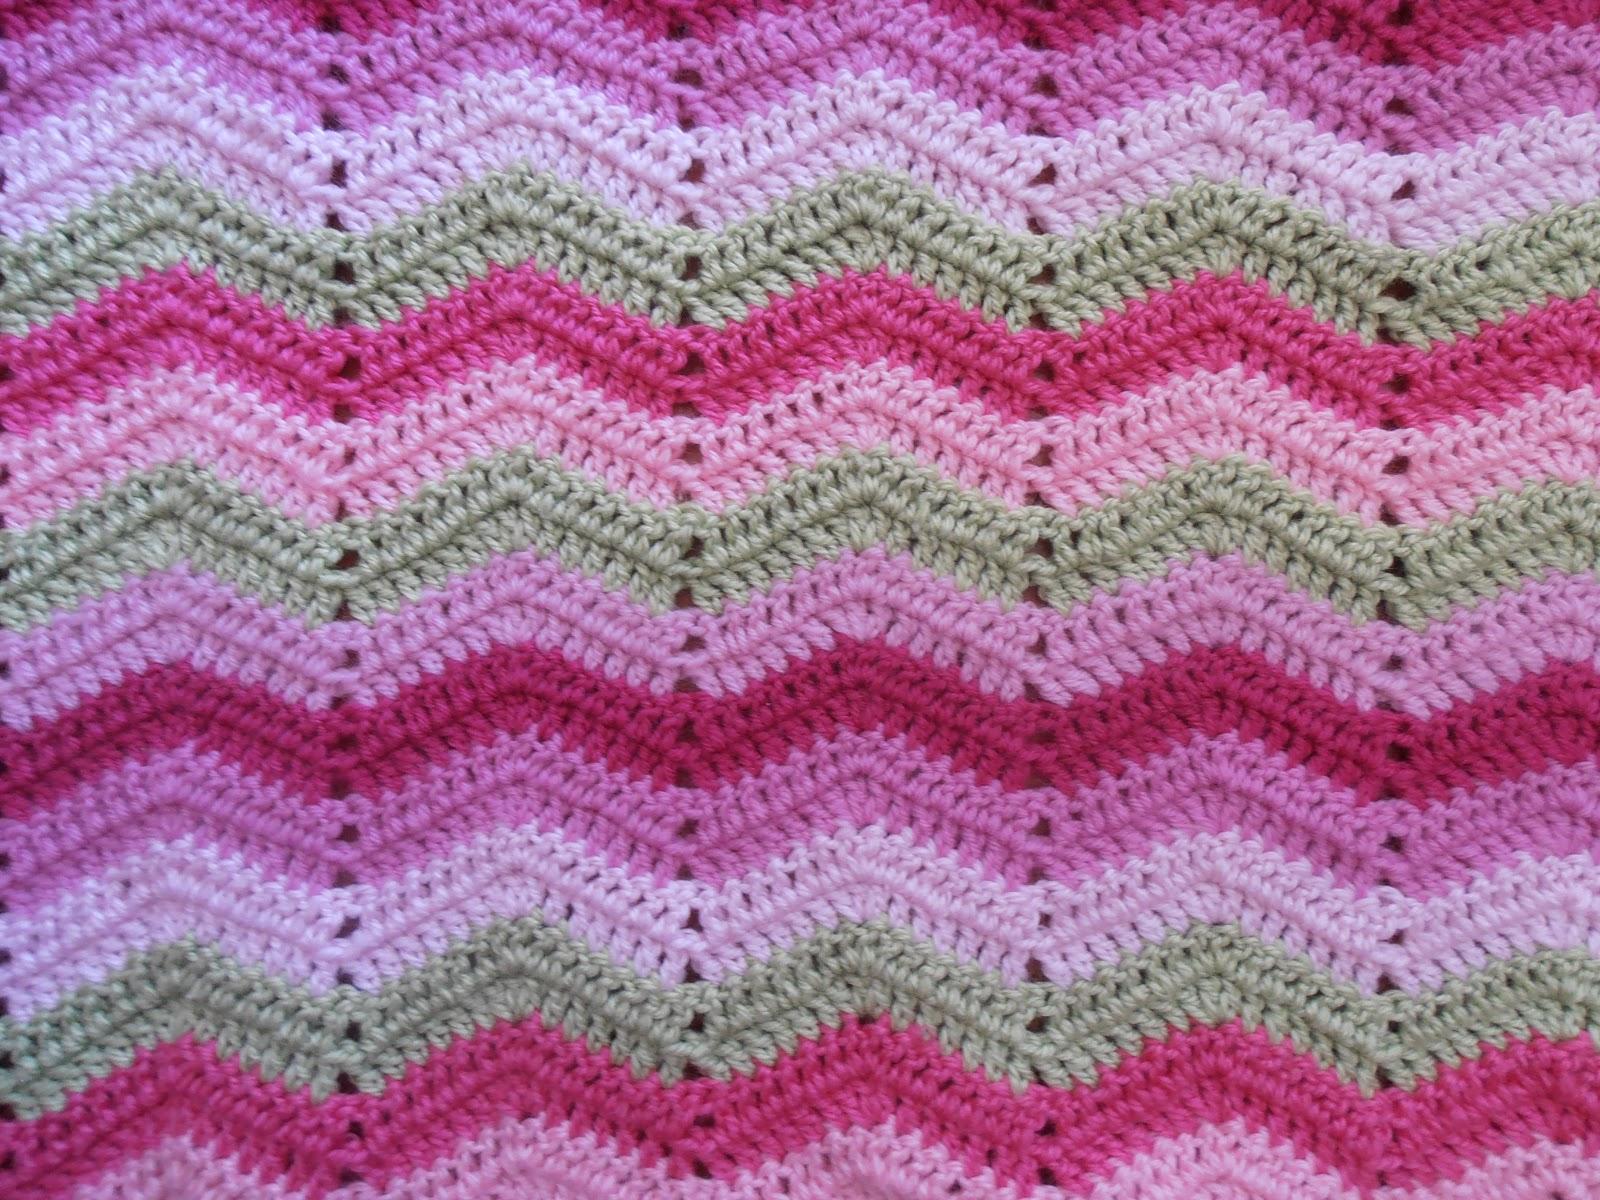 Crochet ripple blanket  :: eatnecsaltge gq